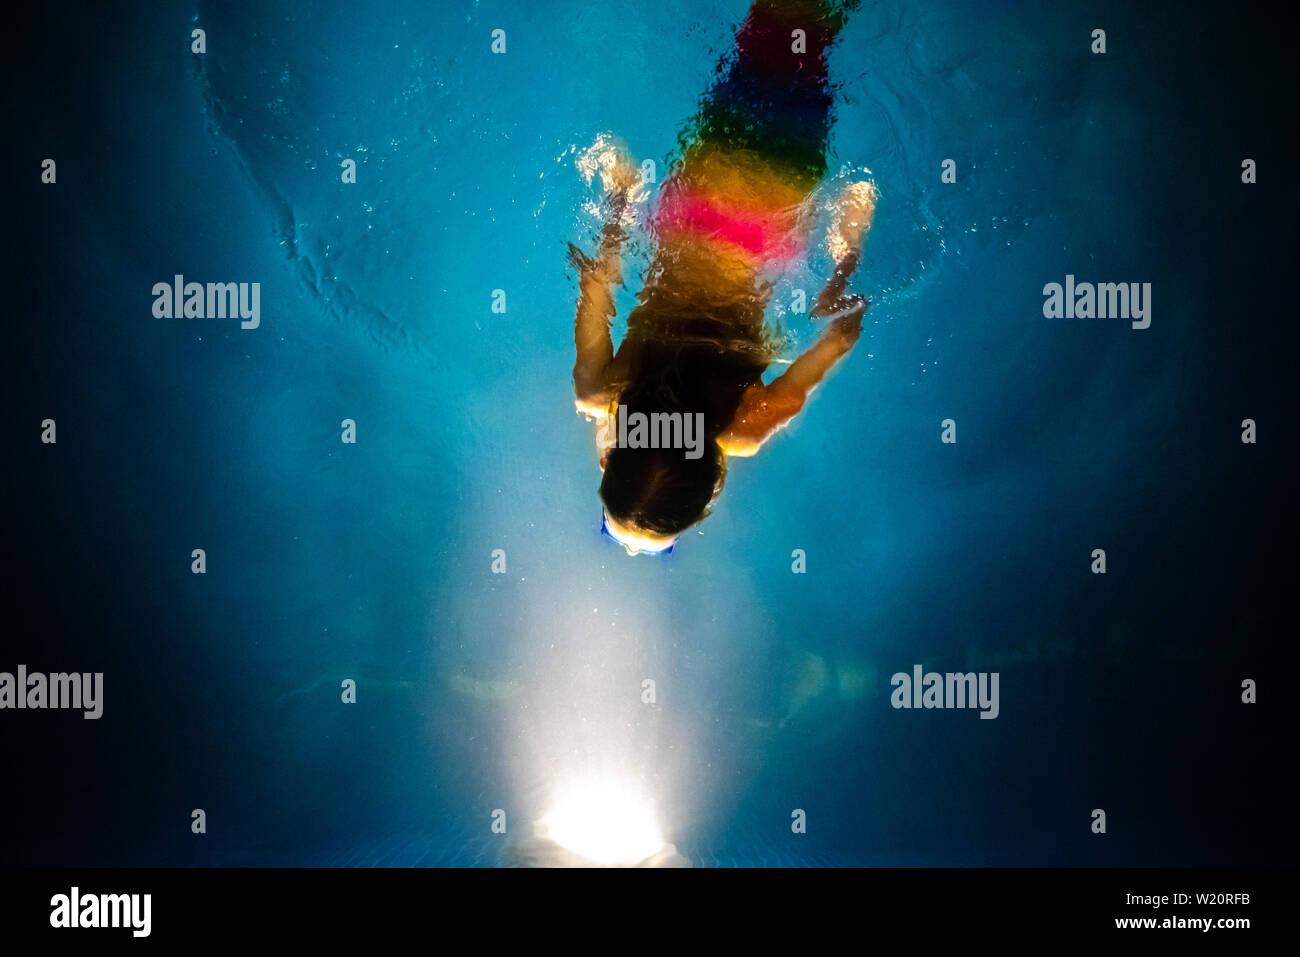 Plongée sous-marine de sirène vers la lumière d'une piscine bleu nuit, avec un fond onirique de la fantaisie et de l'imagination. Banque D'Images